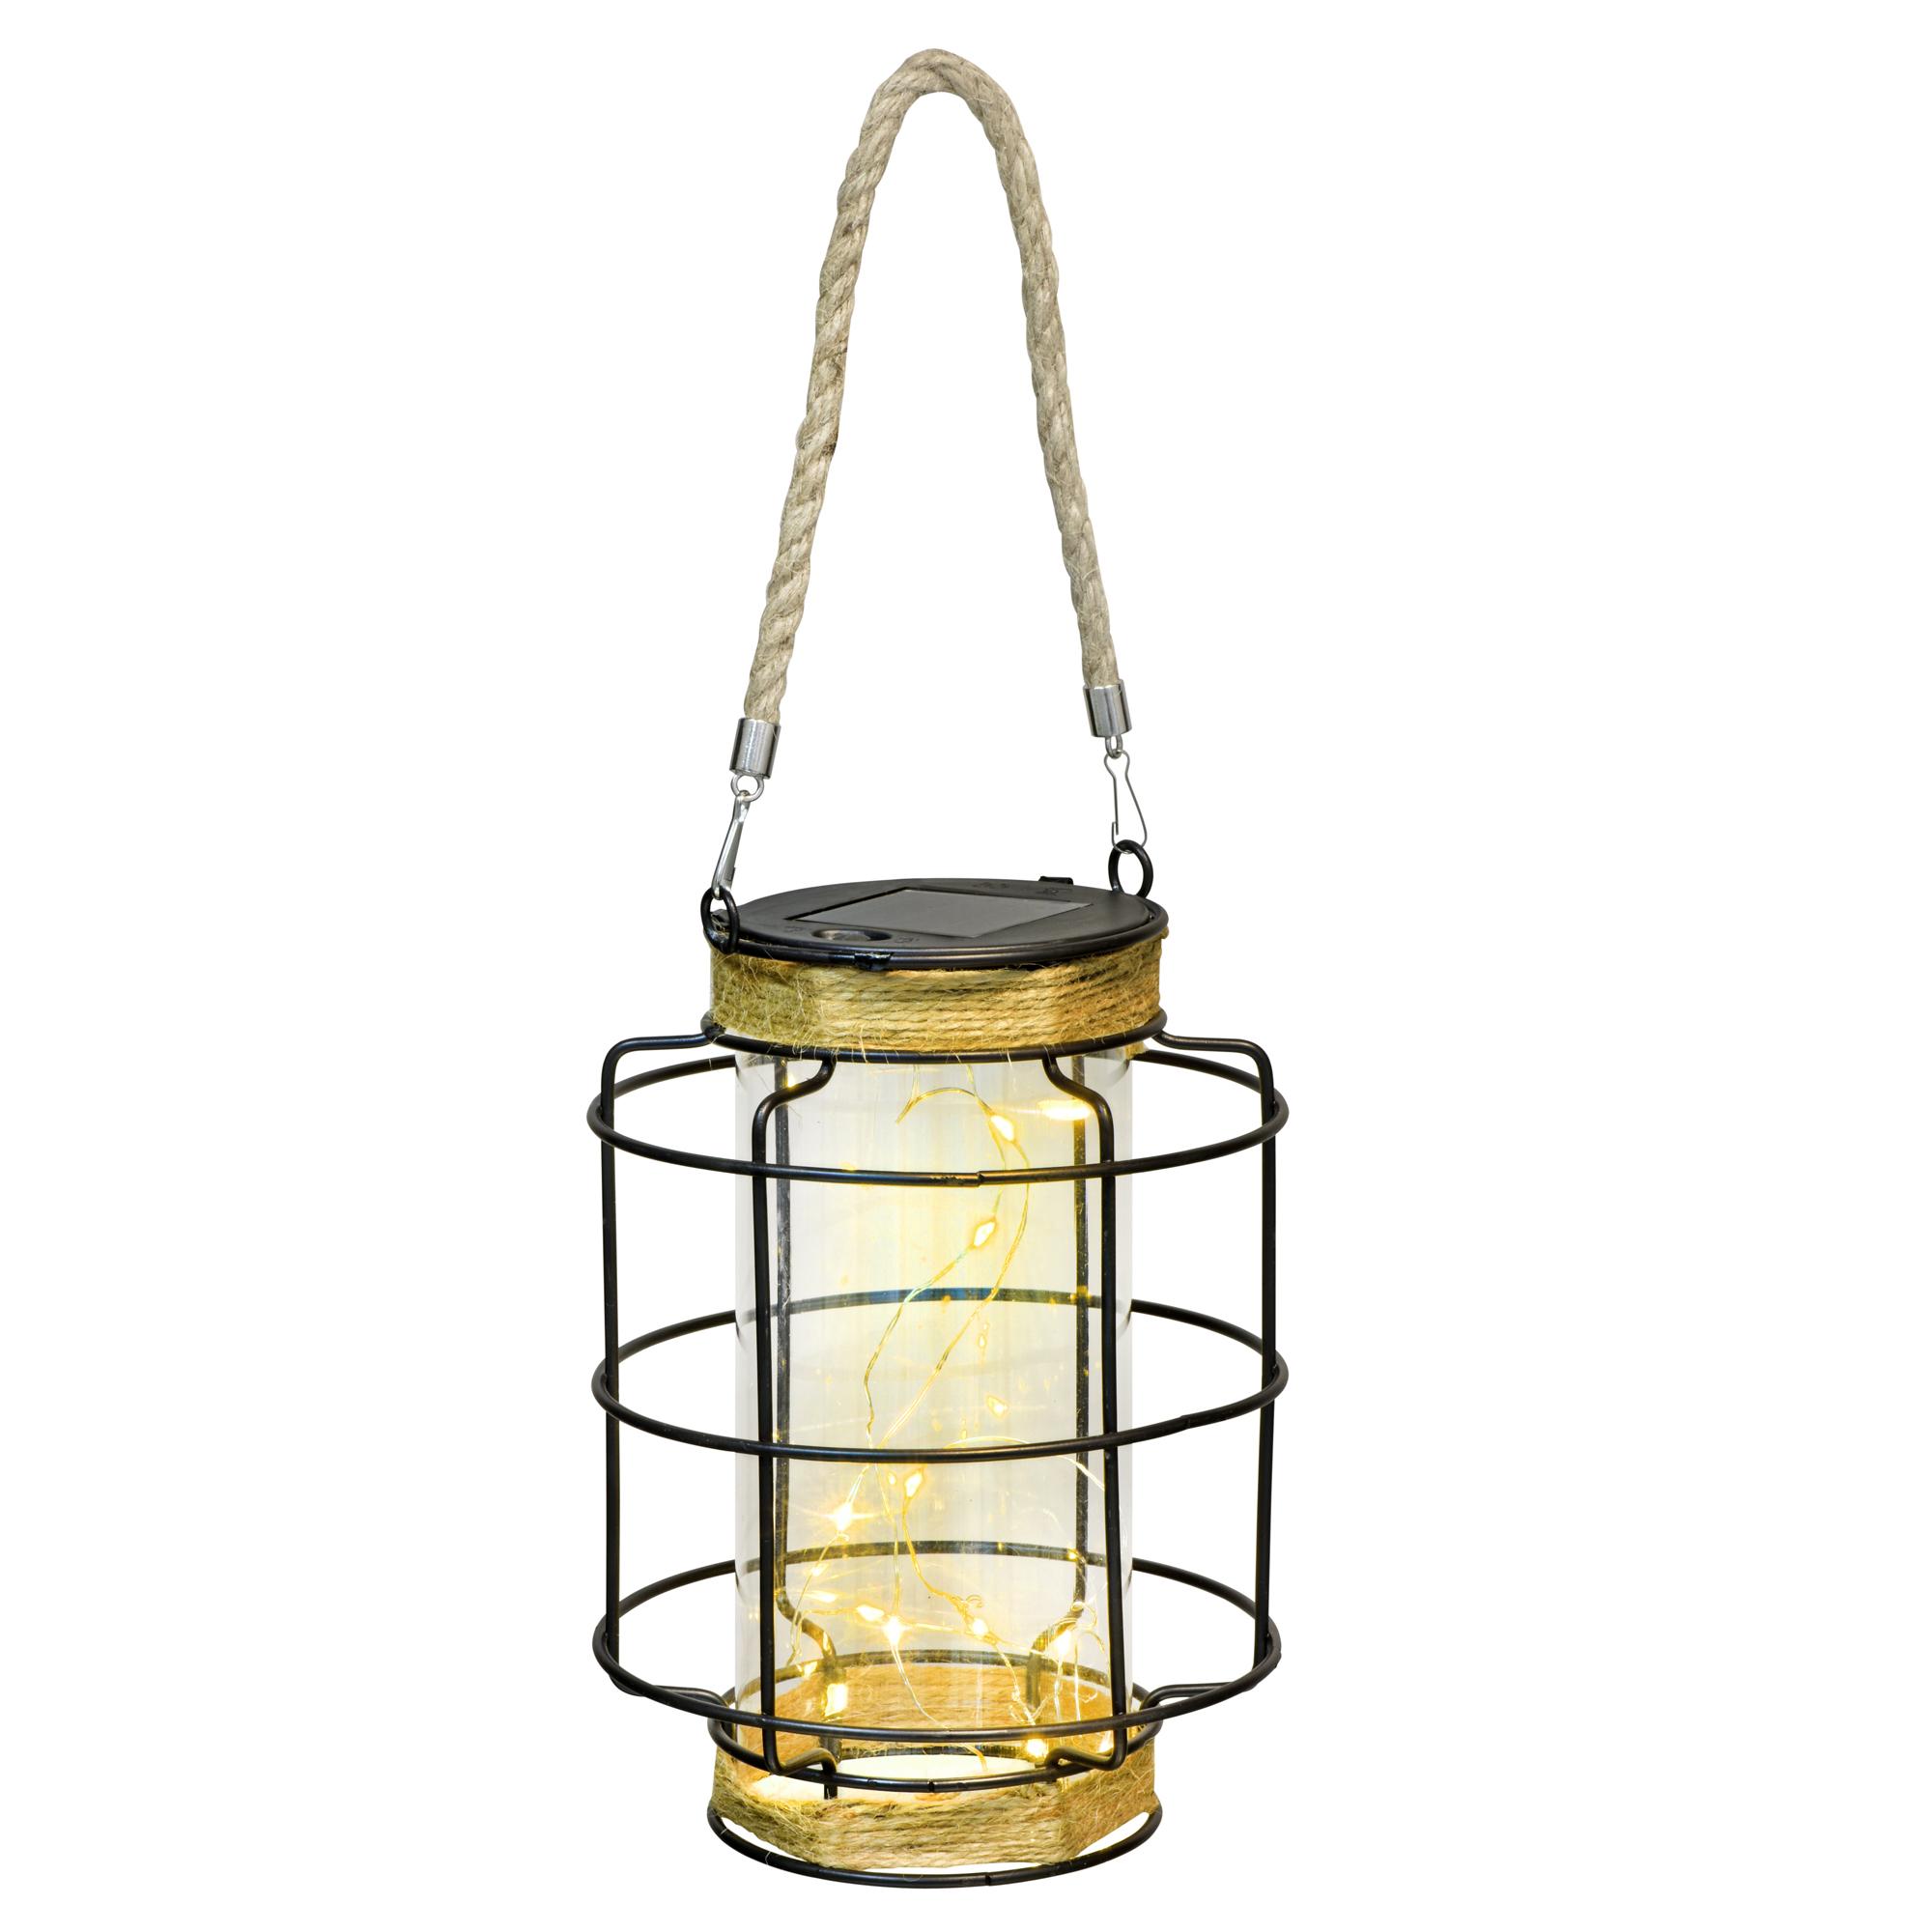 Lampion solarny LED Activejet AJE-PEONIA